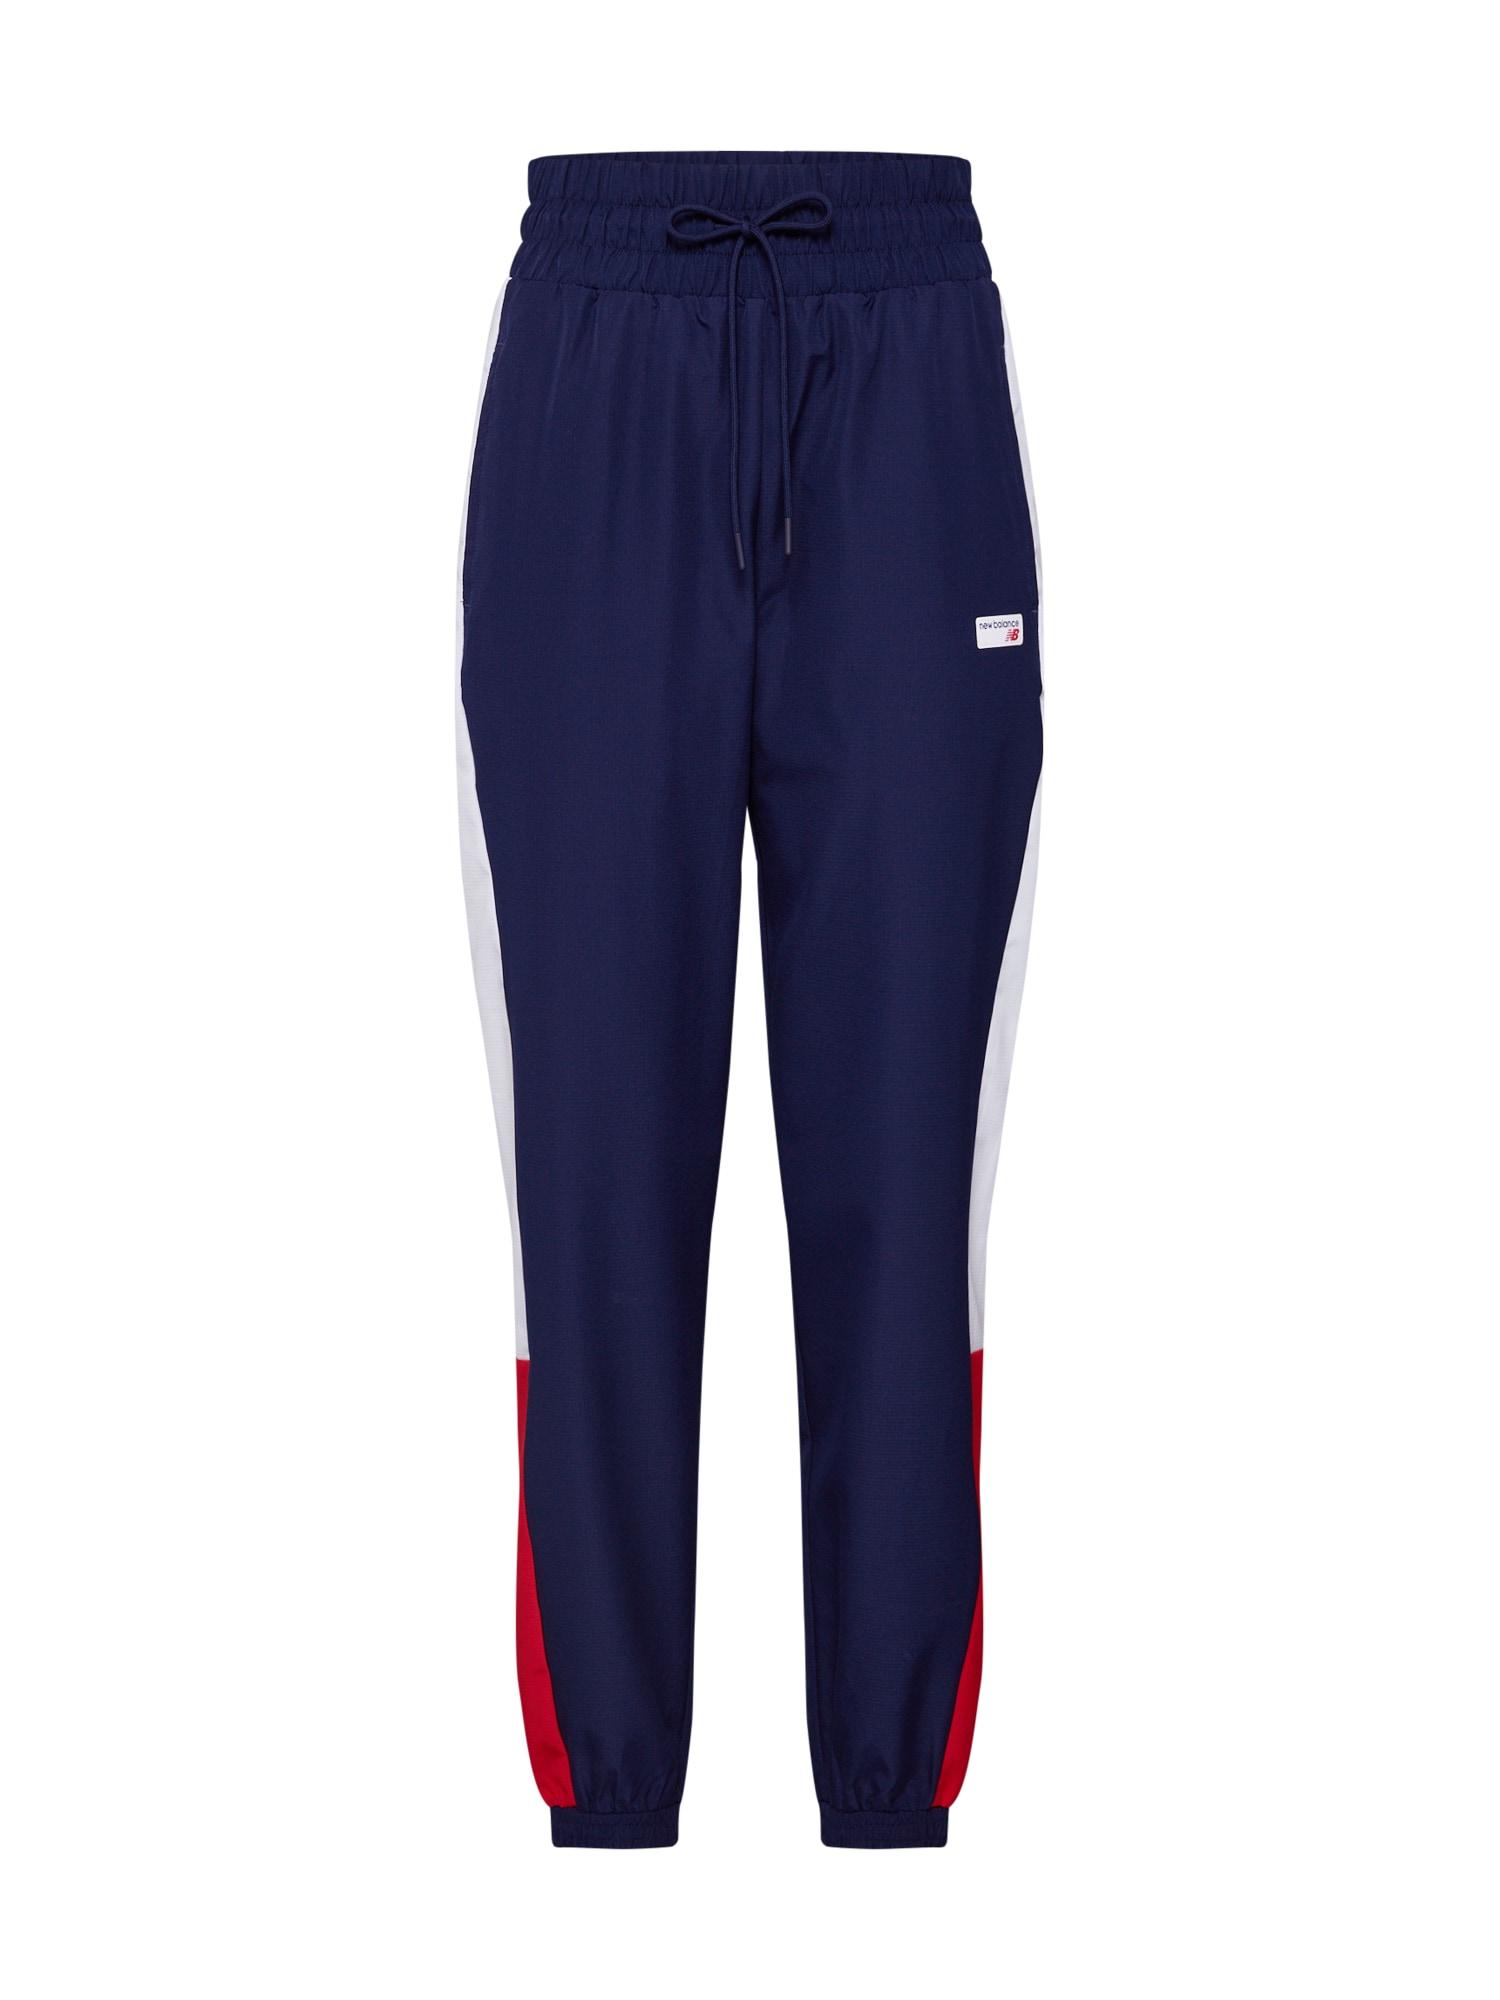 Kalhoty ATHLETICS WIND  námořnická modř červená bílá New Balance